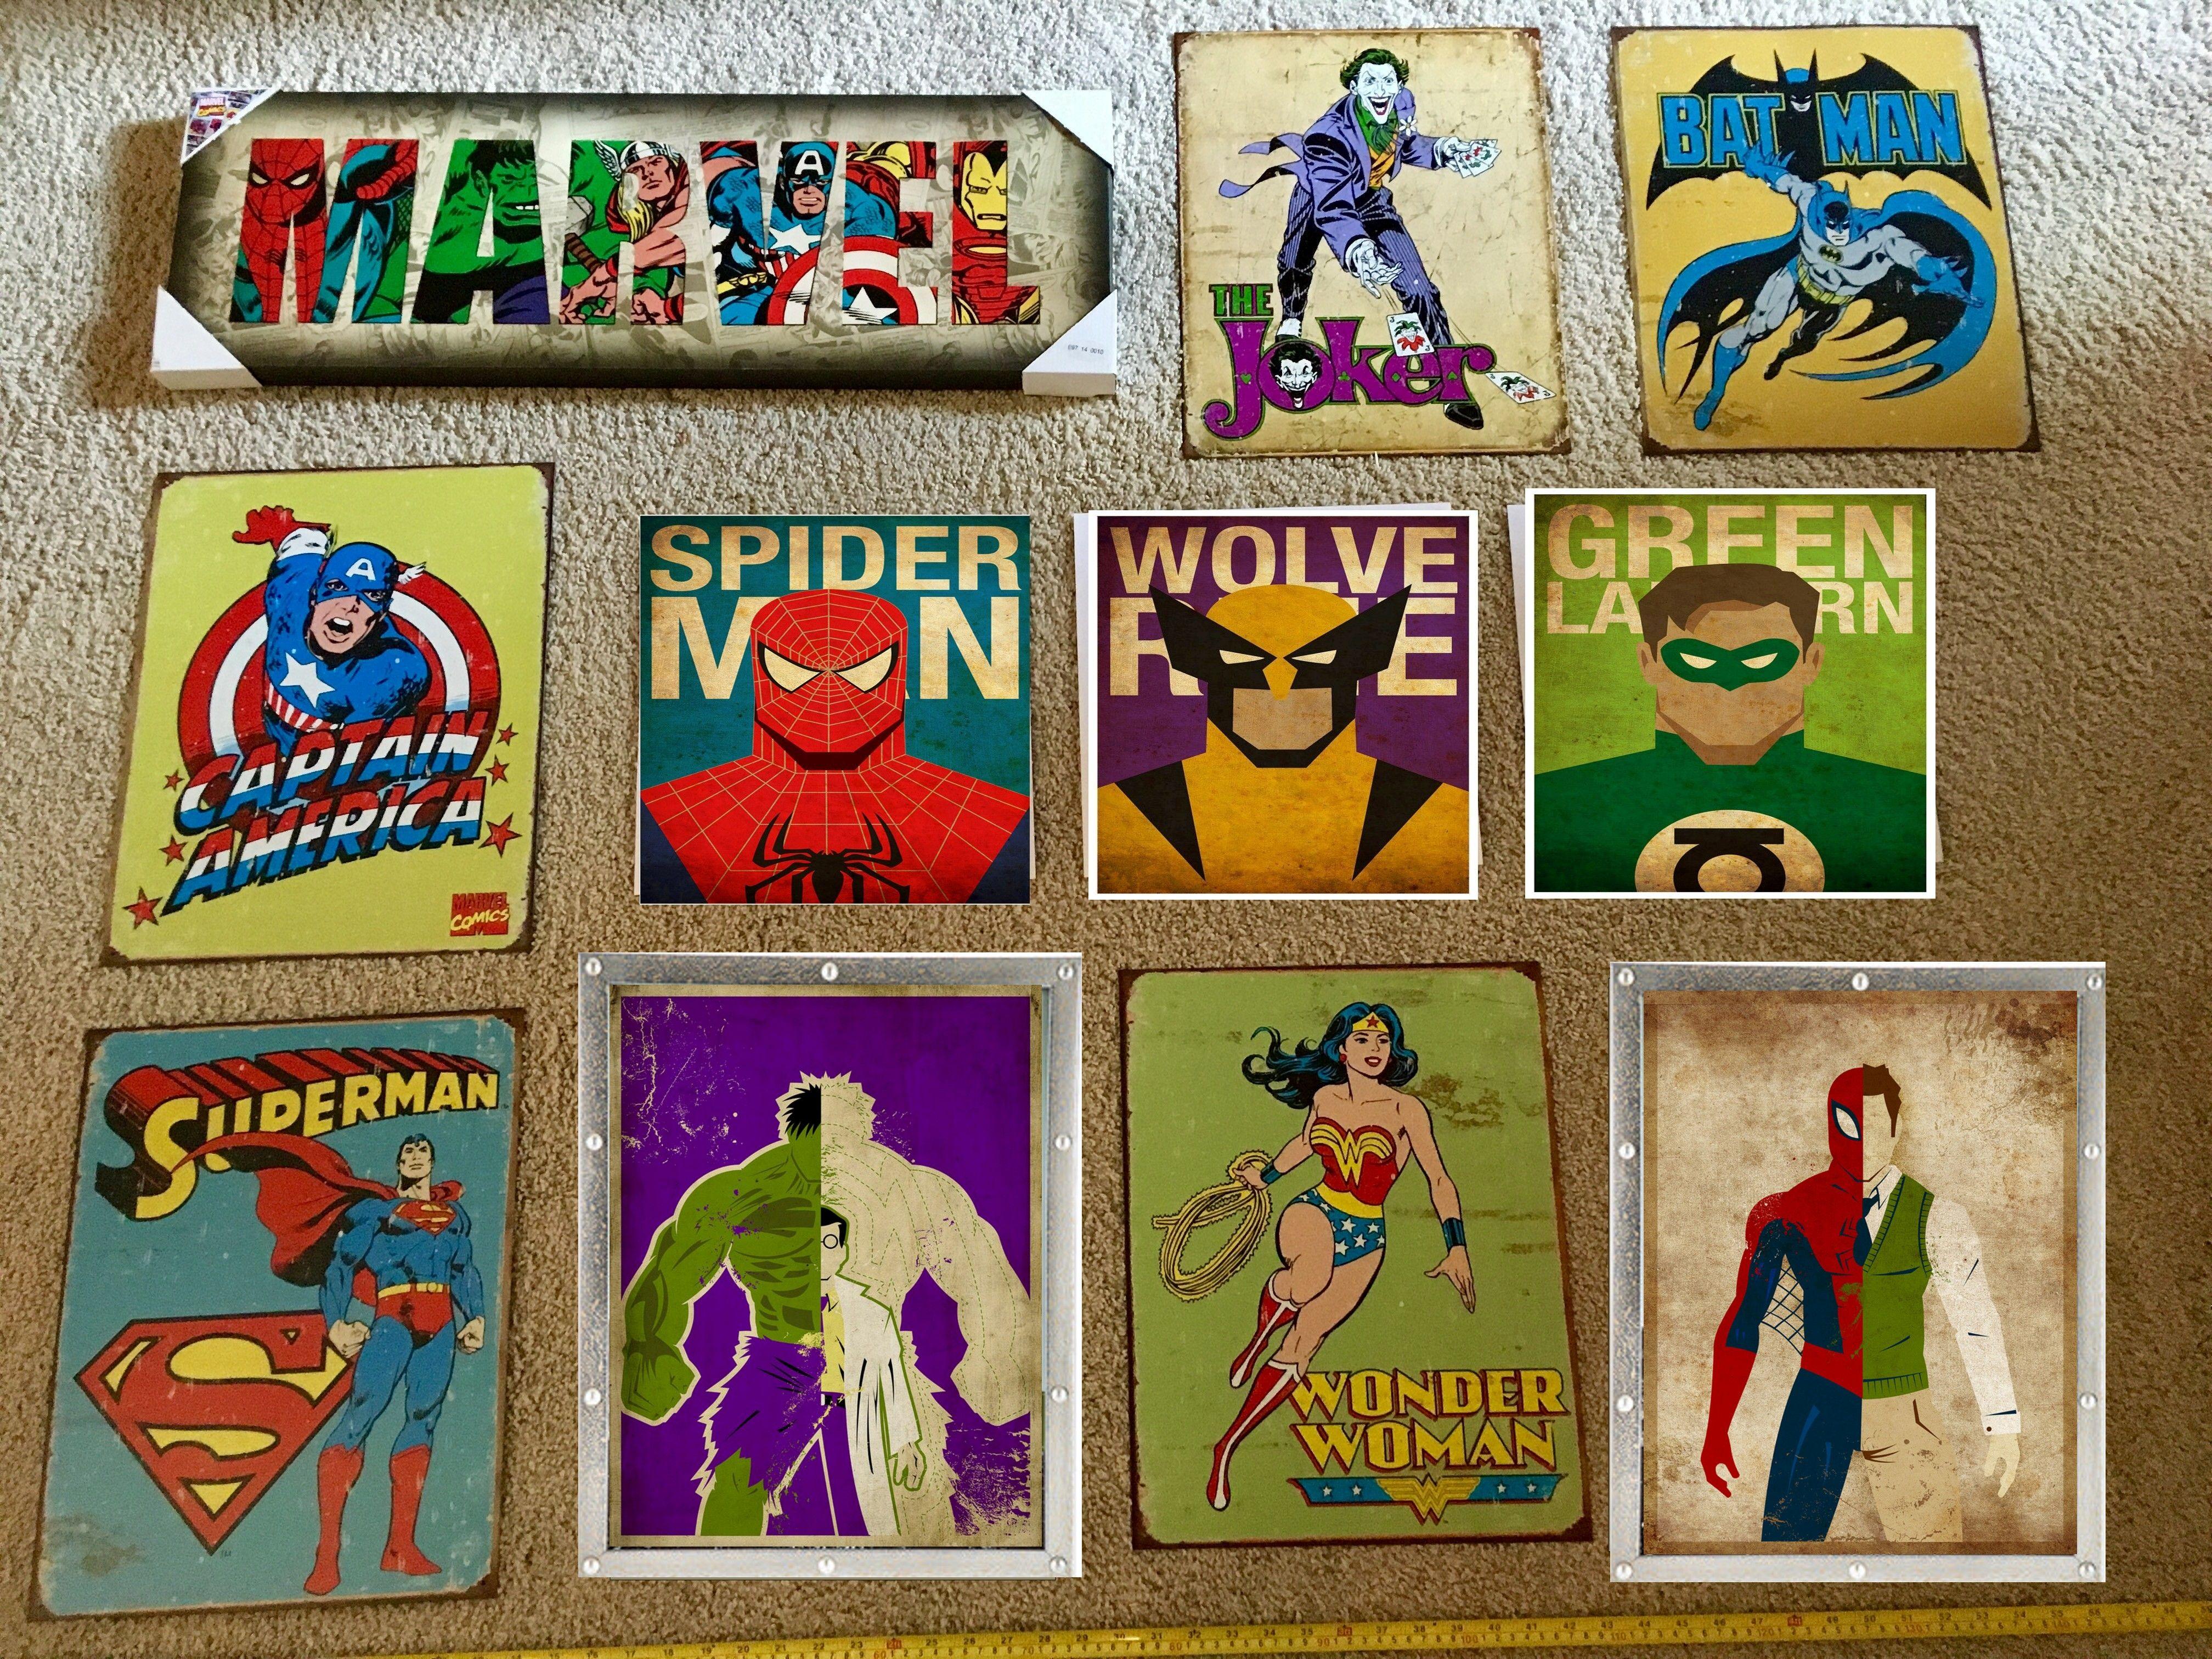 Vintage Superhero Wall Art Collage